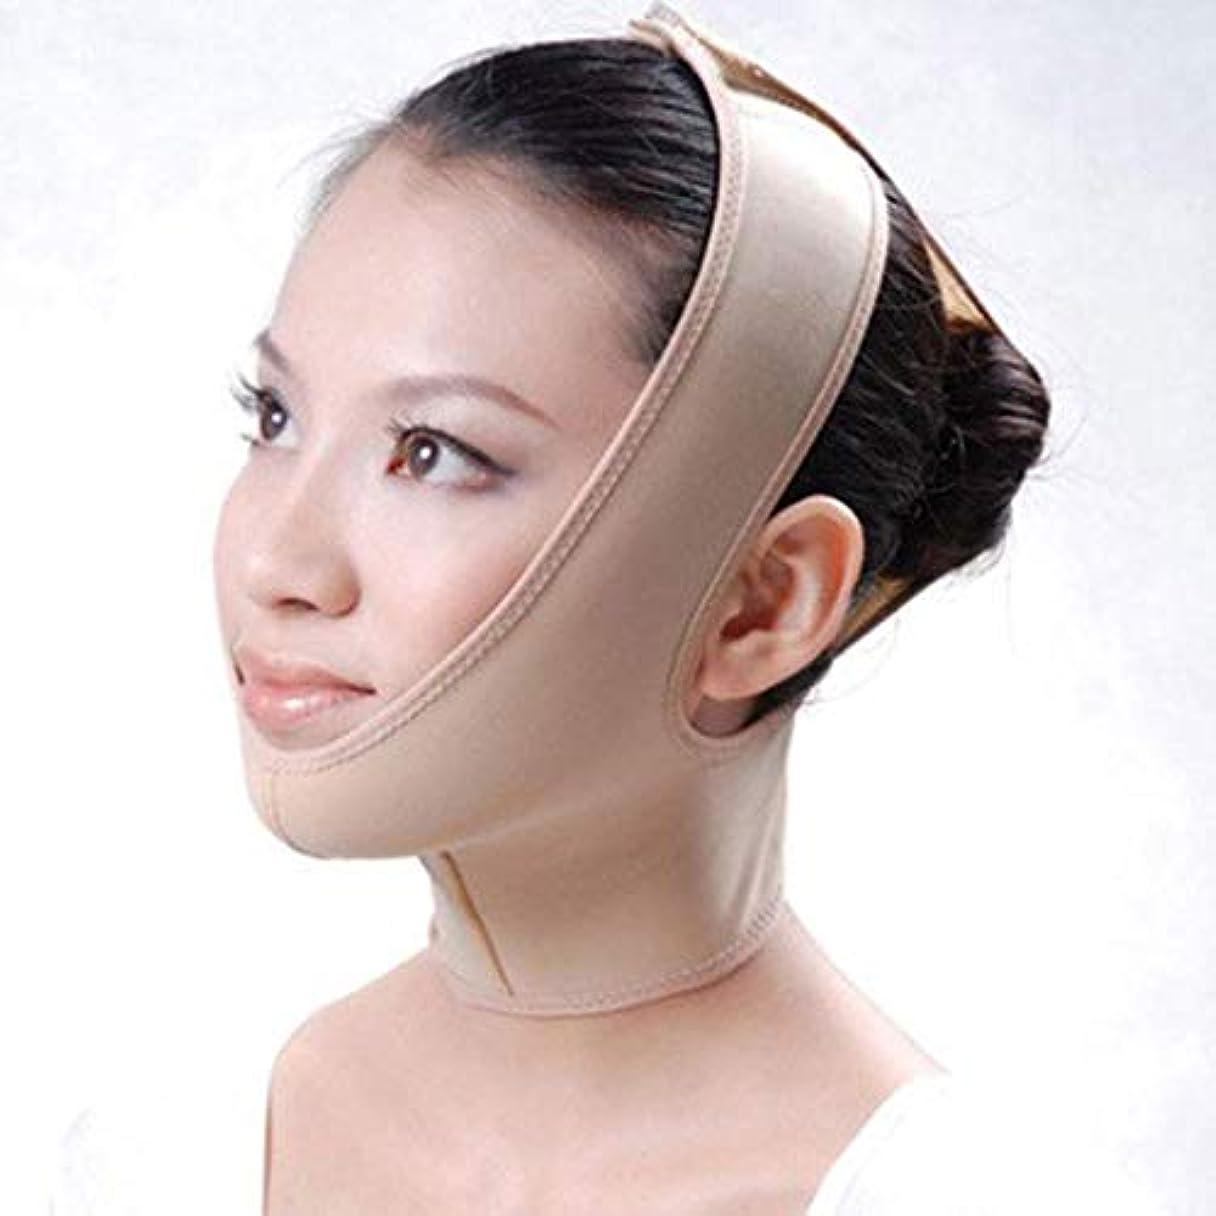 抗議進む百万フェイスリフティングマスク、リフティングフェイス付きVフェイス、ラインリフティング包帯、ほっそりスリム、痩身のあごのマスク/あごの通気性のあご (XL)